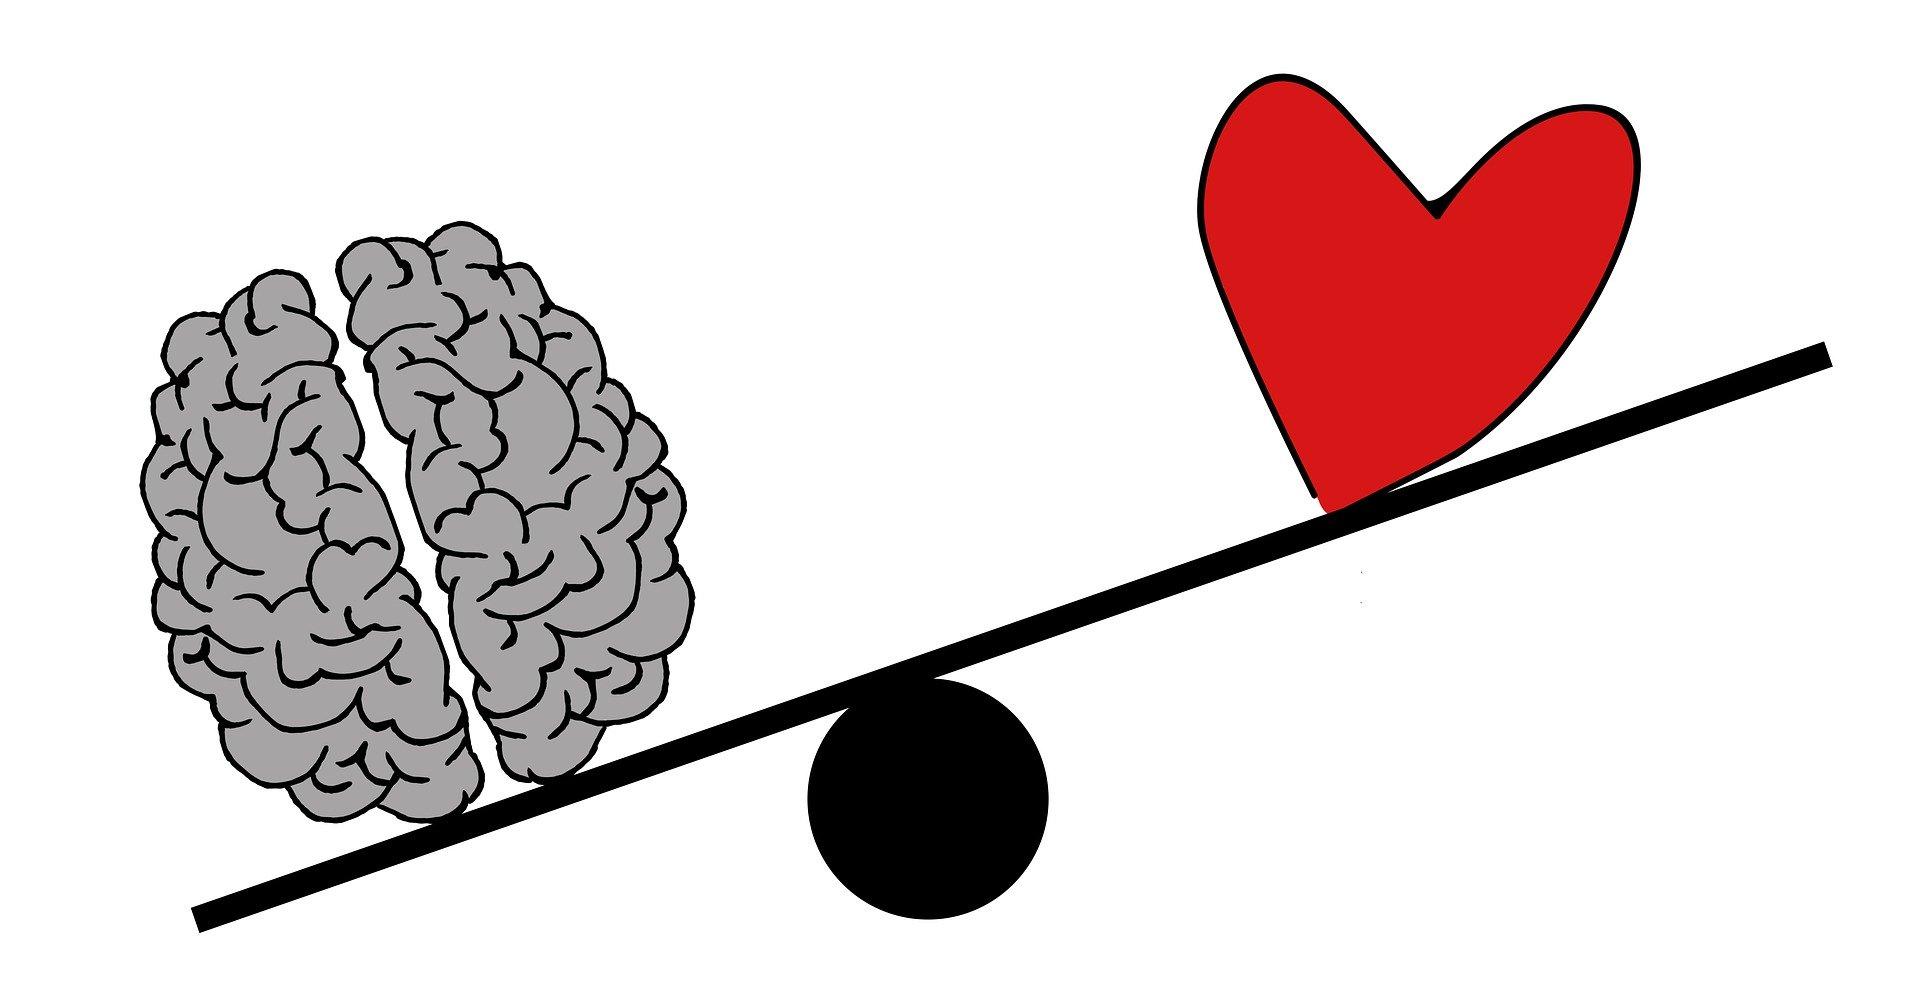 脳と心-バランス